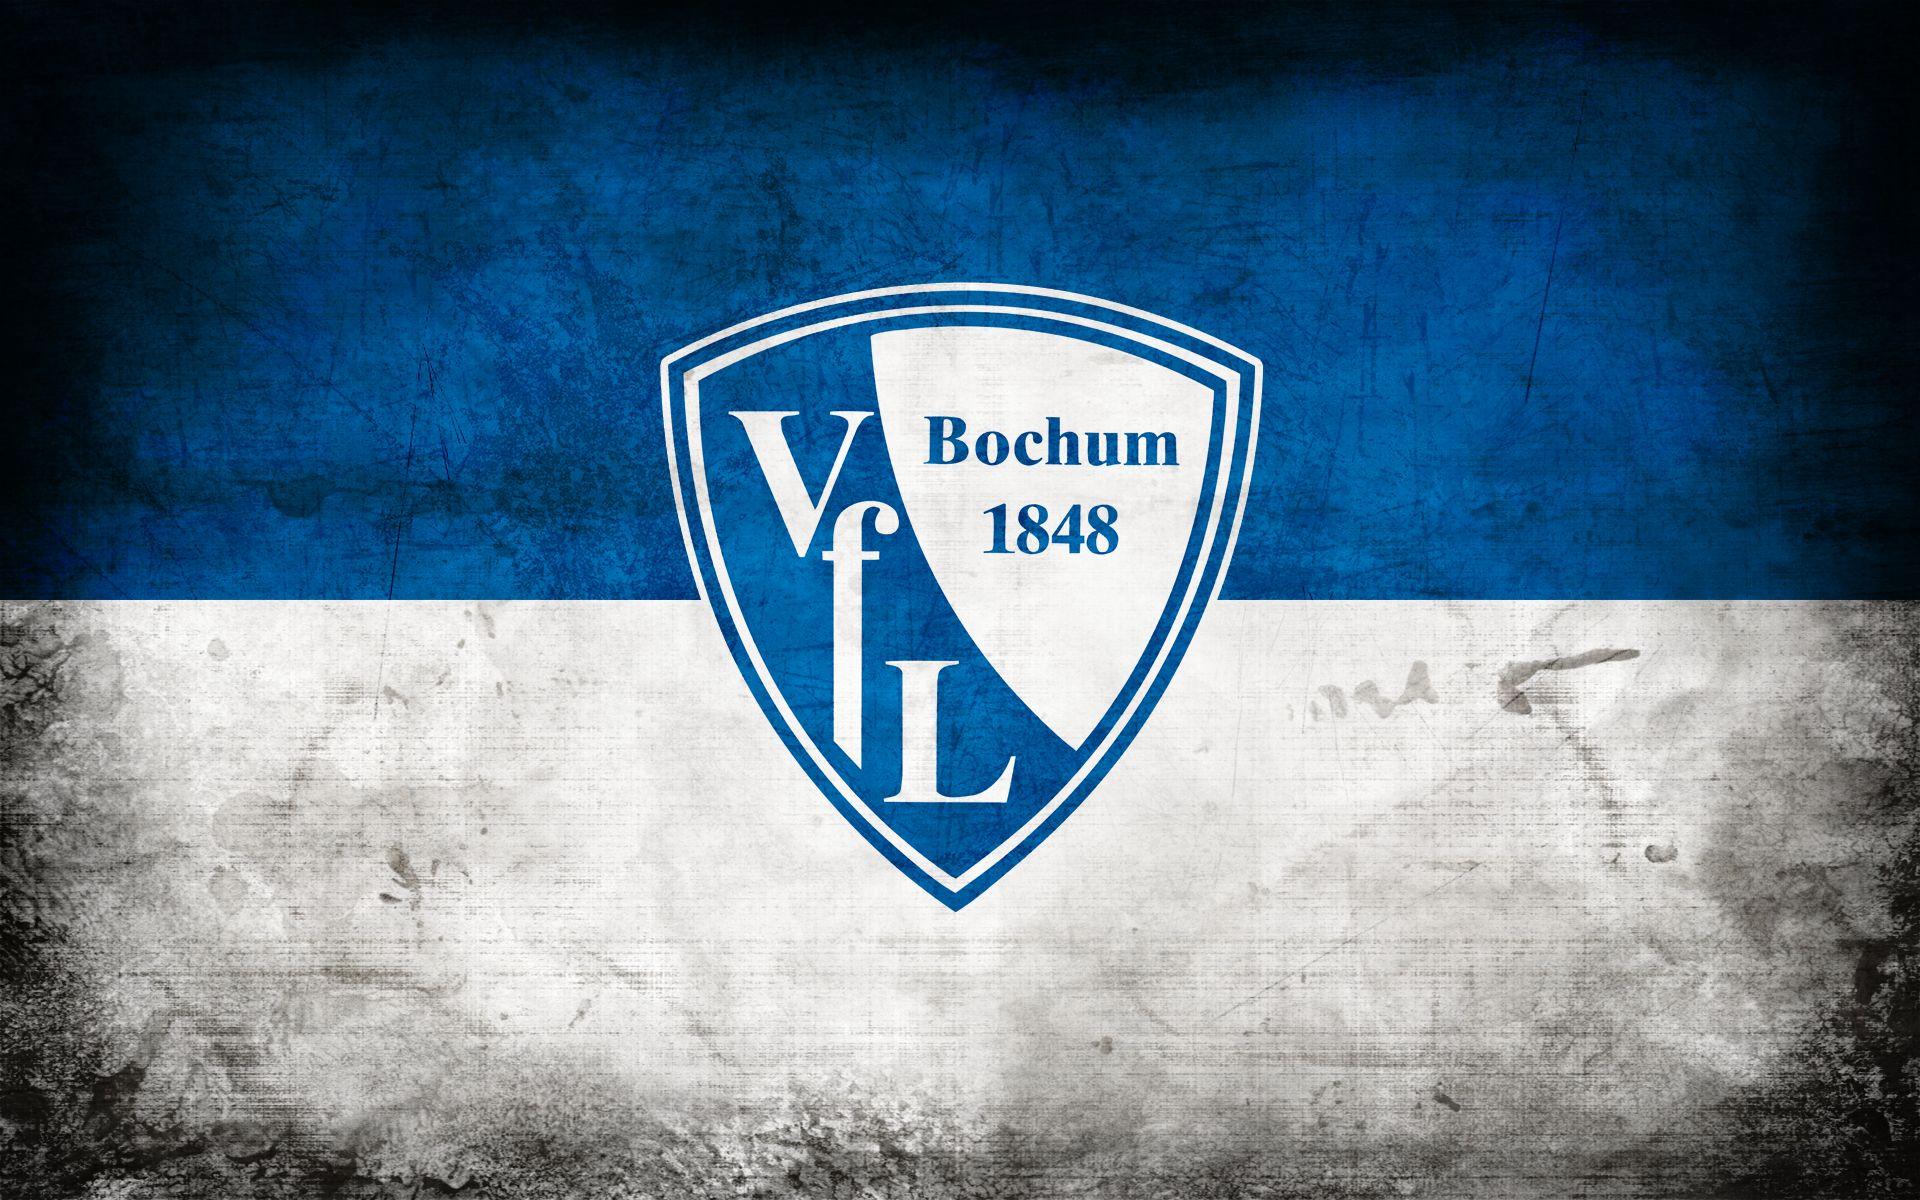 Bochum Vfl